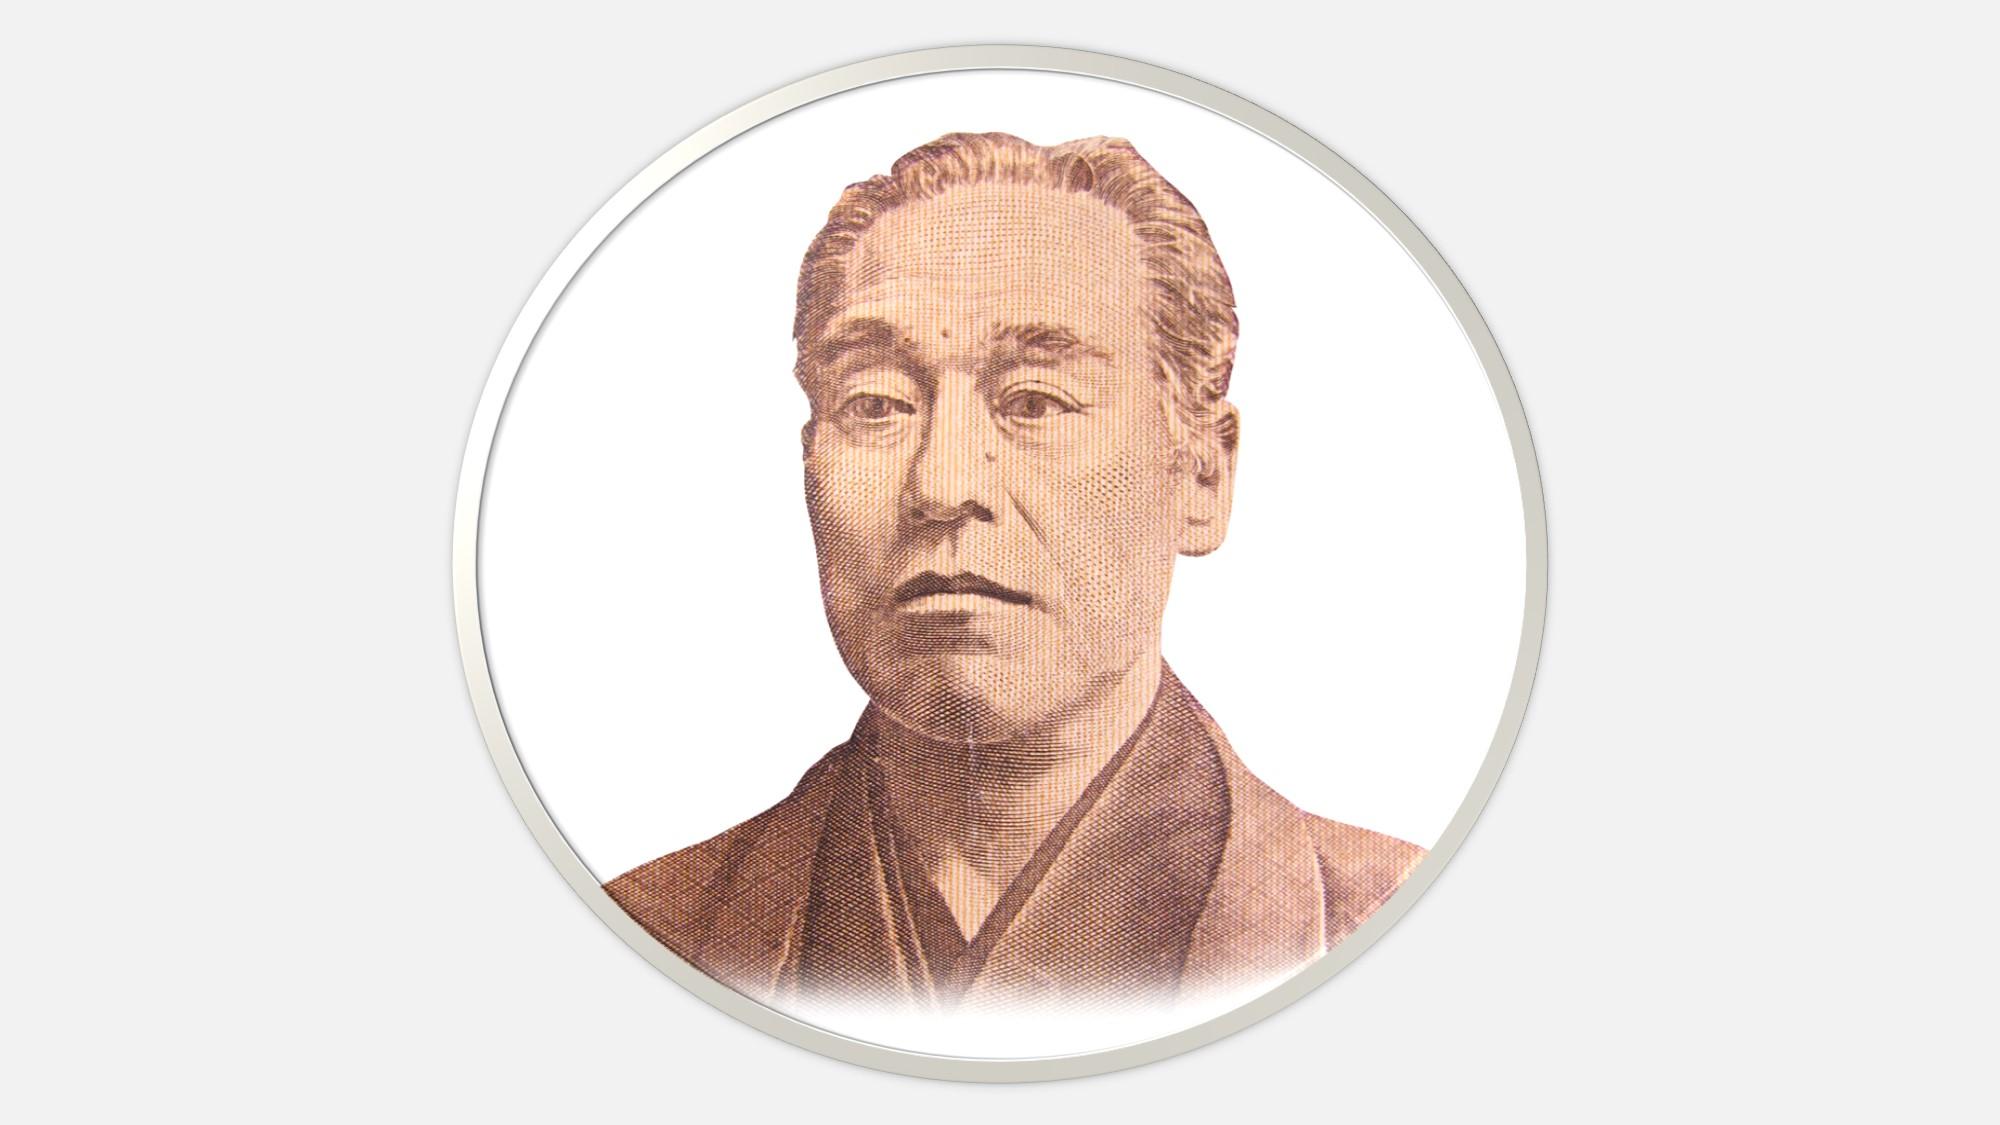 もし、福沢諭吉が生きていたら「〇〇を学べ」とすすめると思う